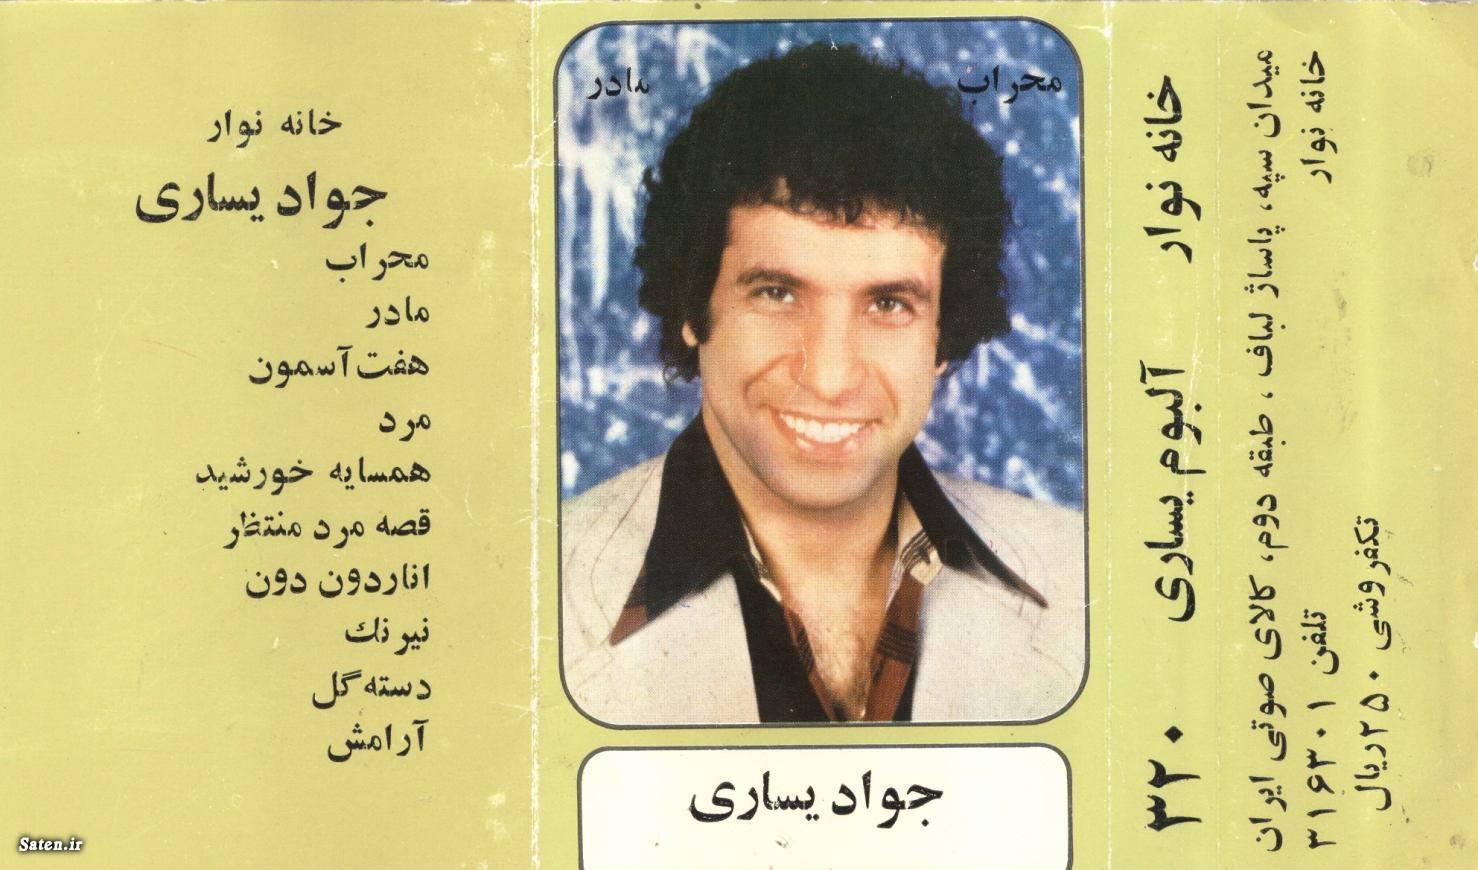 مصاحبه با جواد یساری خواننده قدیمی در ایران + عکس و بیوگرافی | ساتین